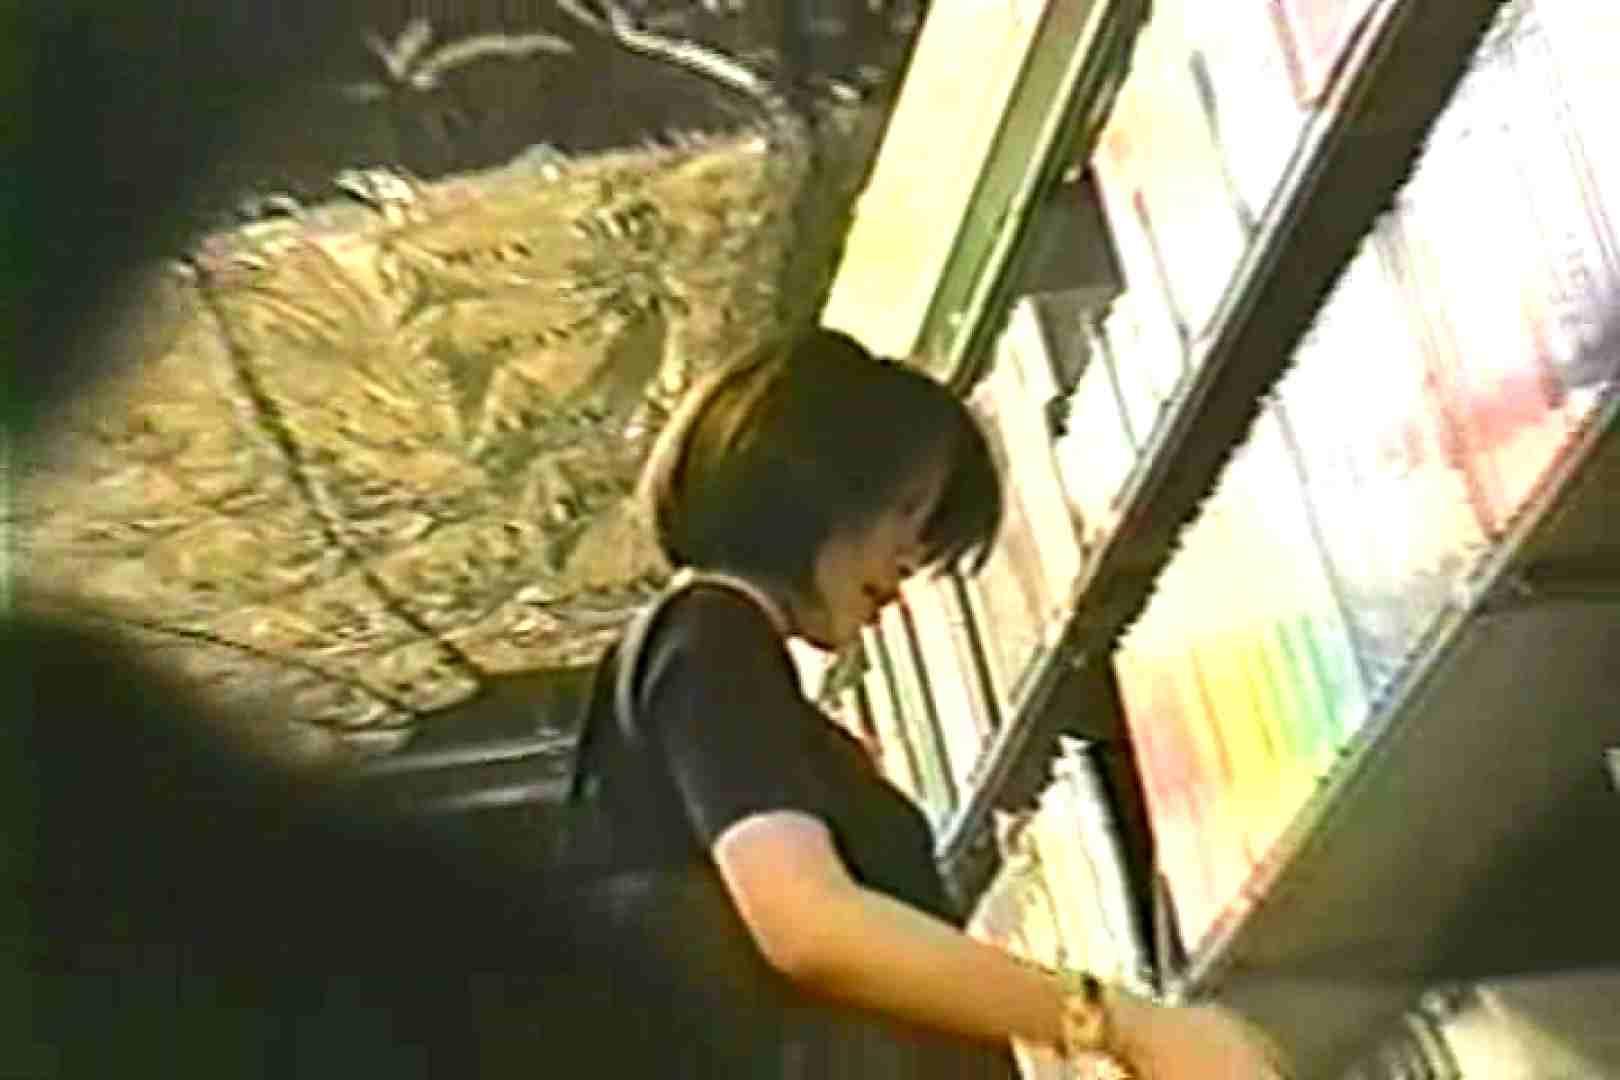 「ちくりん」さんのオリジナル未編集パンチラVol.9_02 パンチラ  85枚 64